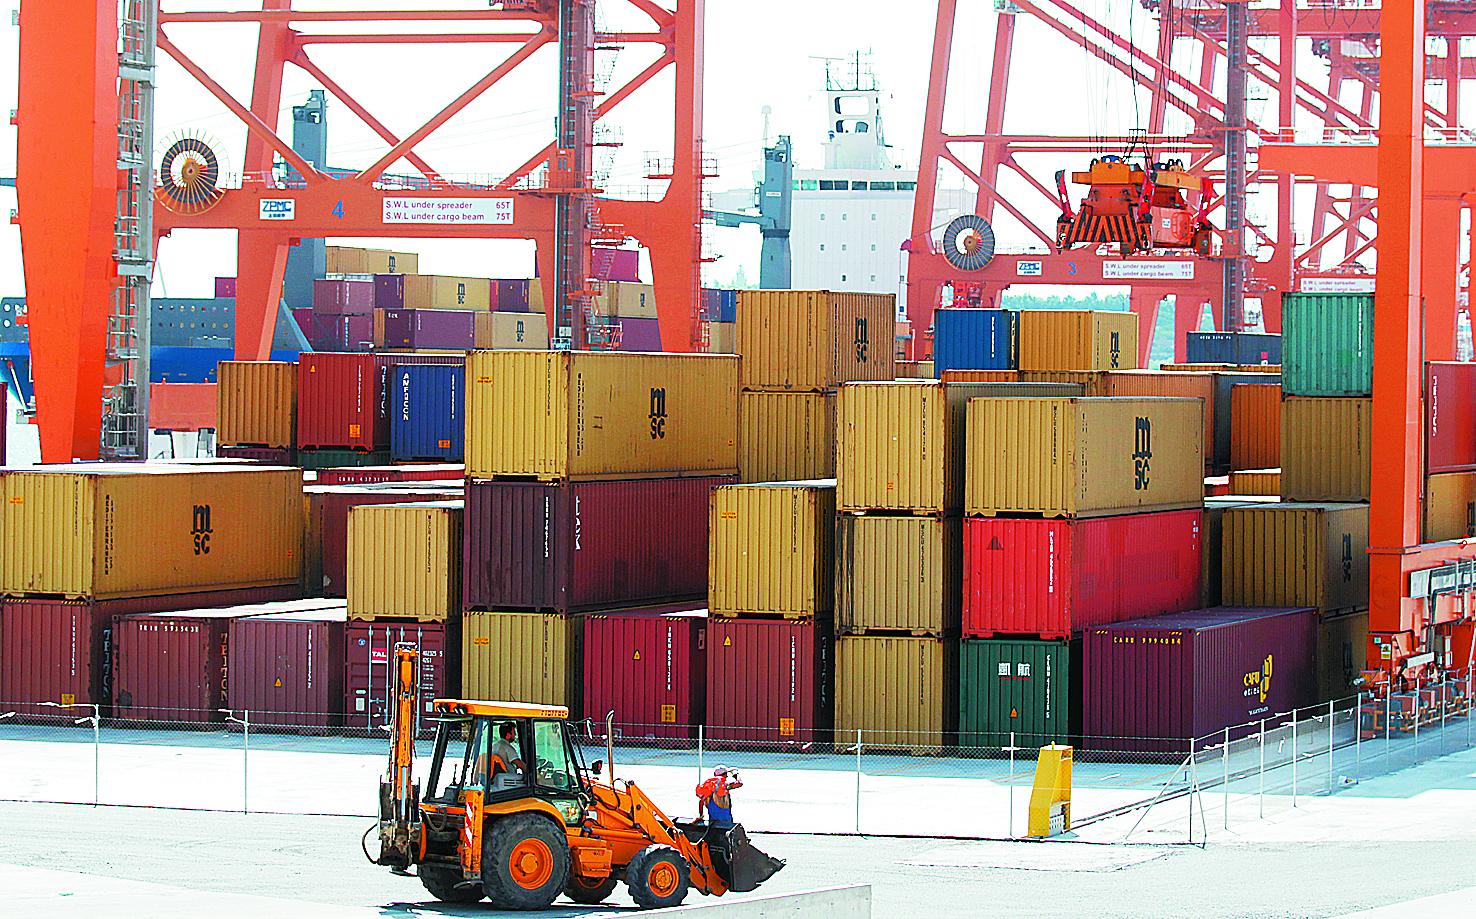 ΕΣΕΕ: Υψηλότερο από το μέσο όρο της ΕΕ το κόστος των εξαγωγών | tovima.gr